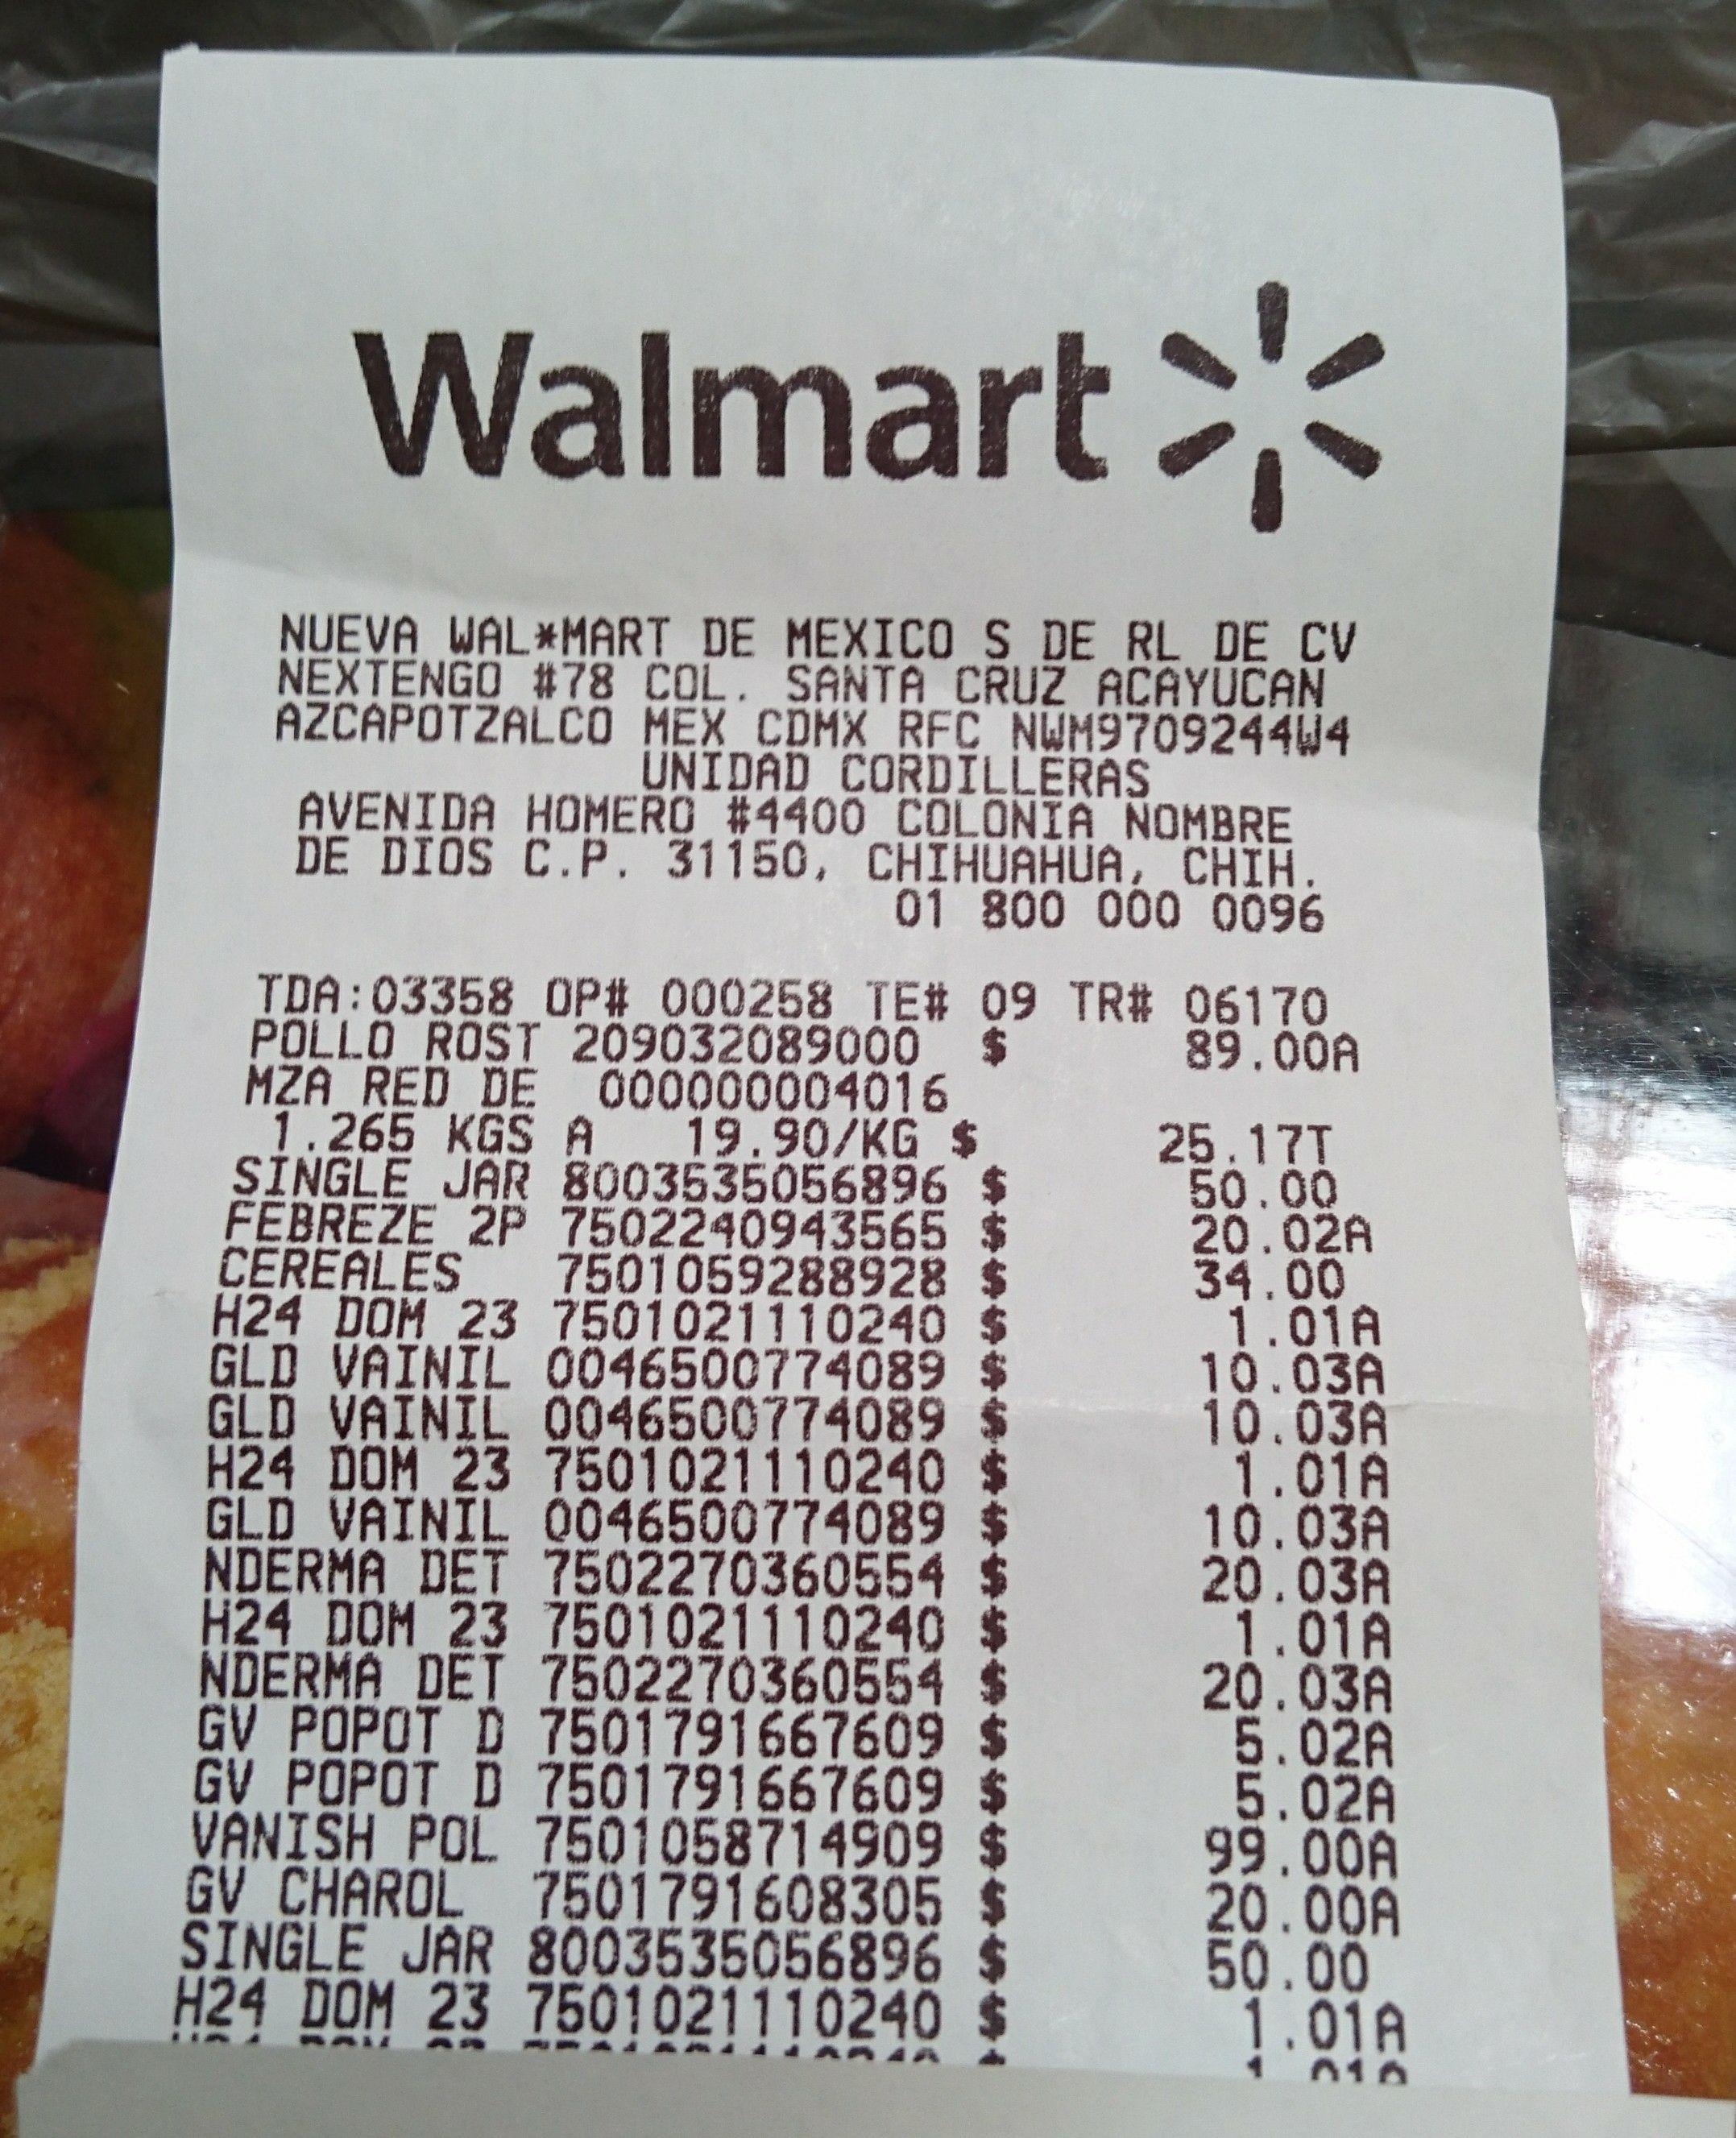 Walmart Chihuahua: Insecticida H24 a $1.01, Glade navideño $10.03 y otra cosita.